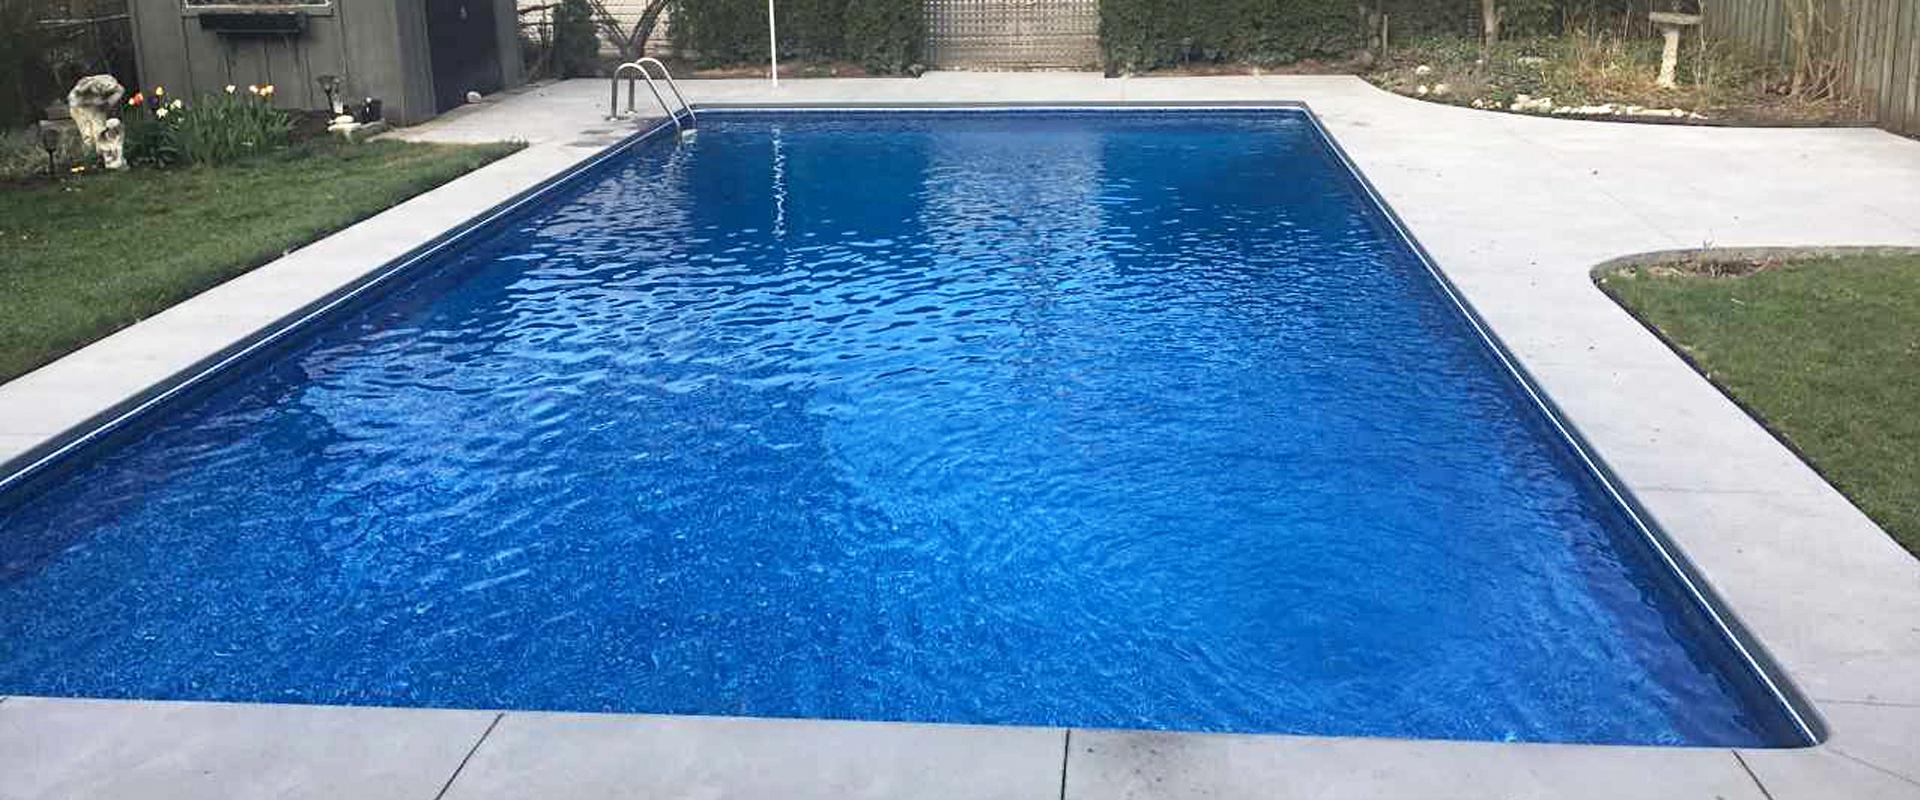 lumley pool reno